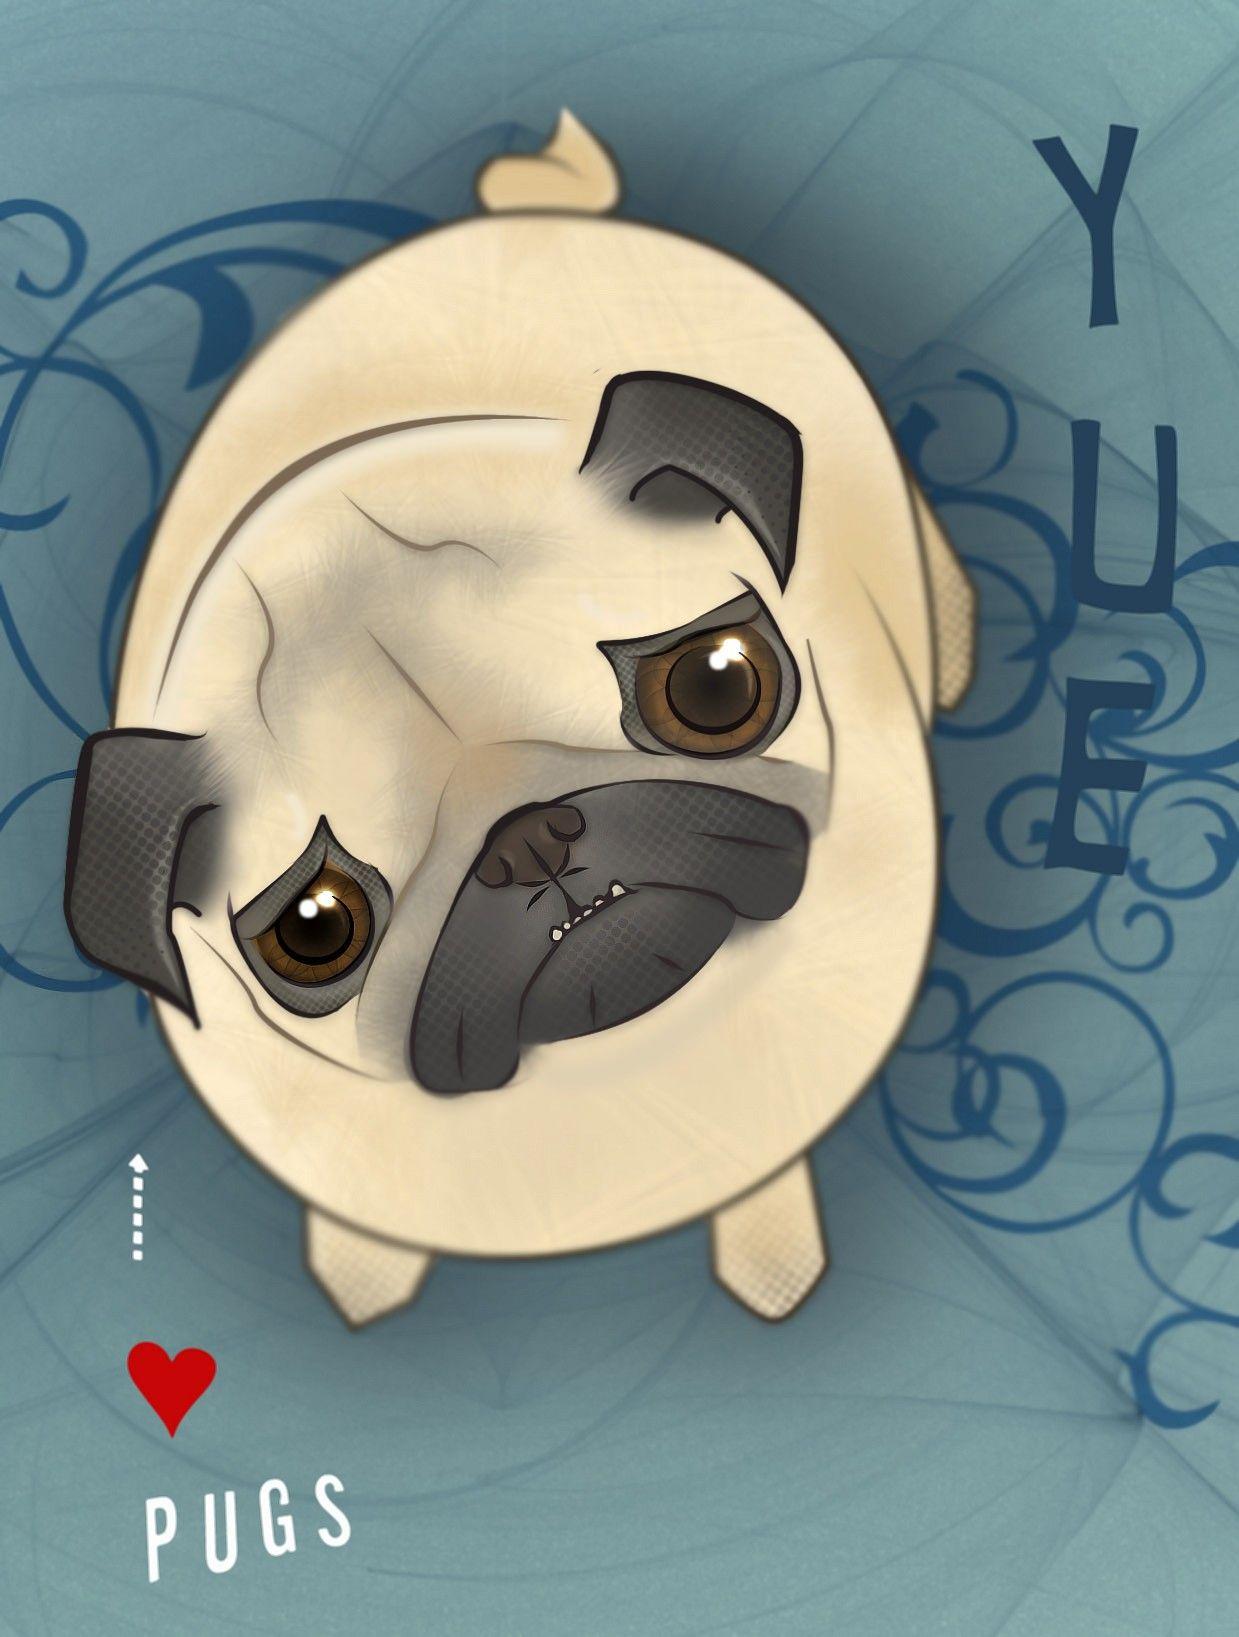 Pugs Google Search Pug Cartoon Pugs Pugs And Kisses